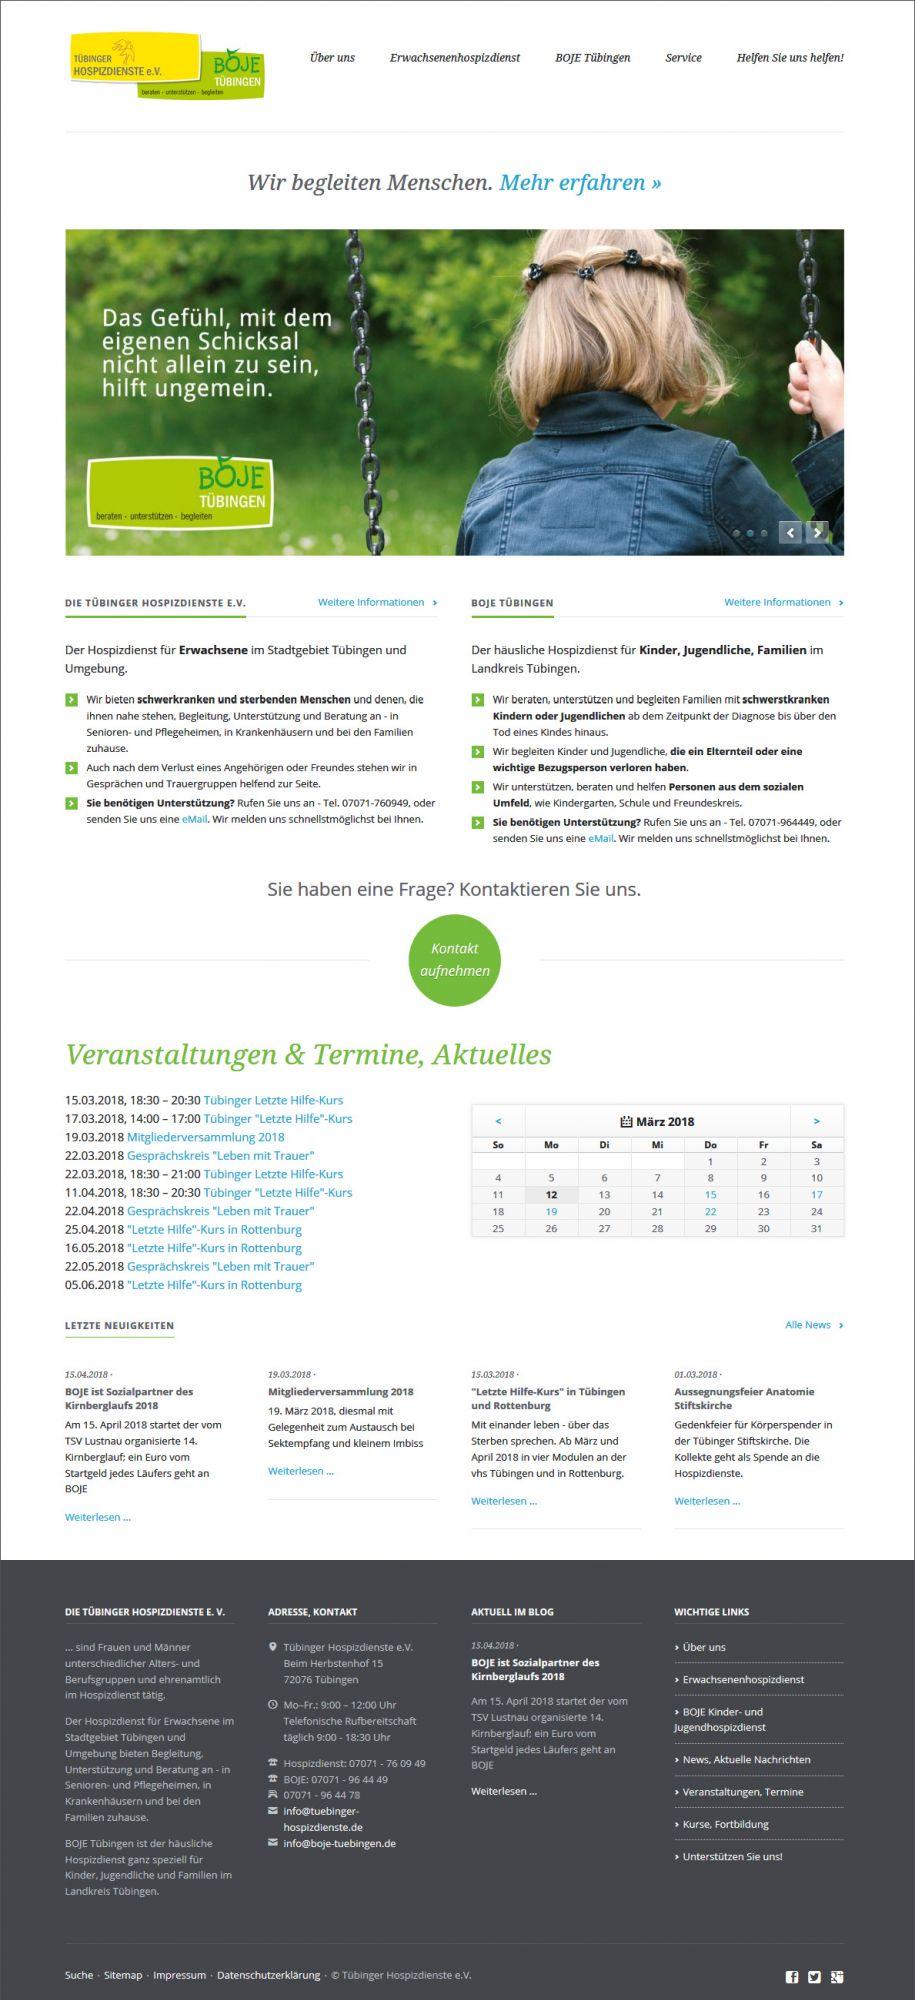 Großartig Anatomie Website Bilder - Anatomie Von Menschlichen ...